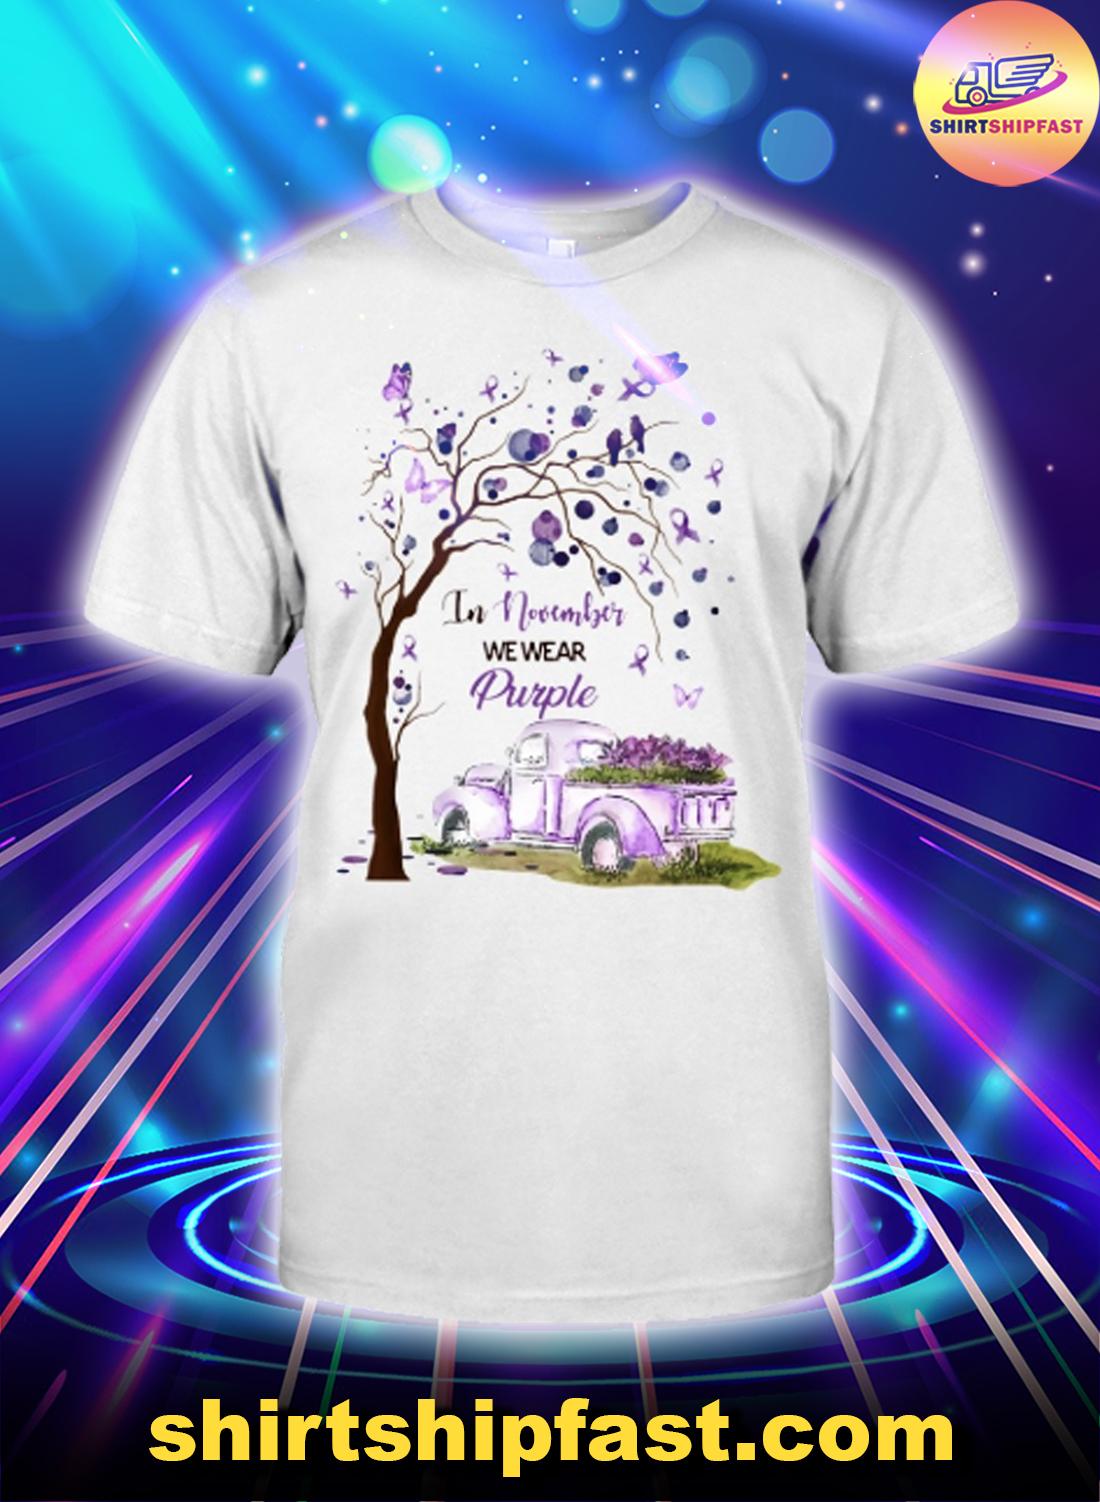 In-November-we-wear-purple-shirt